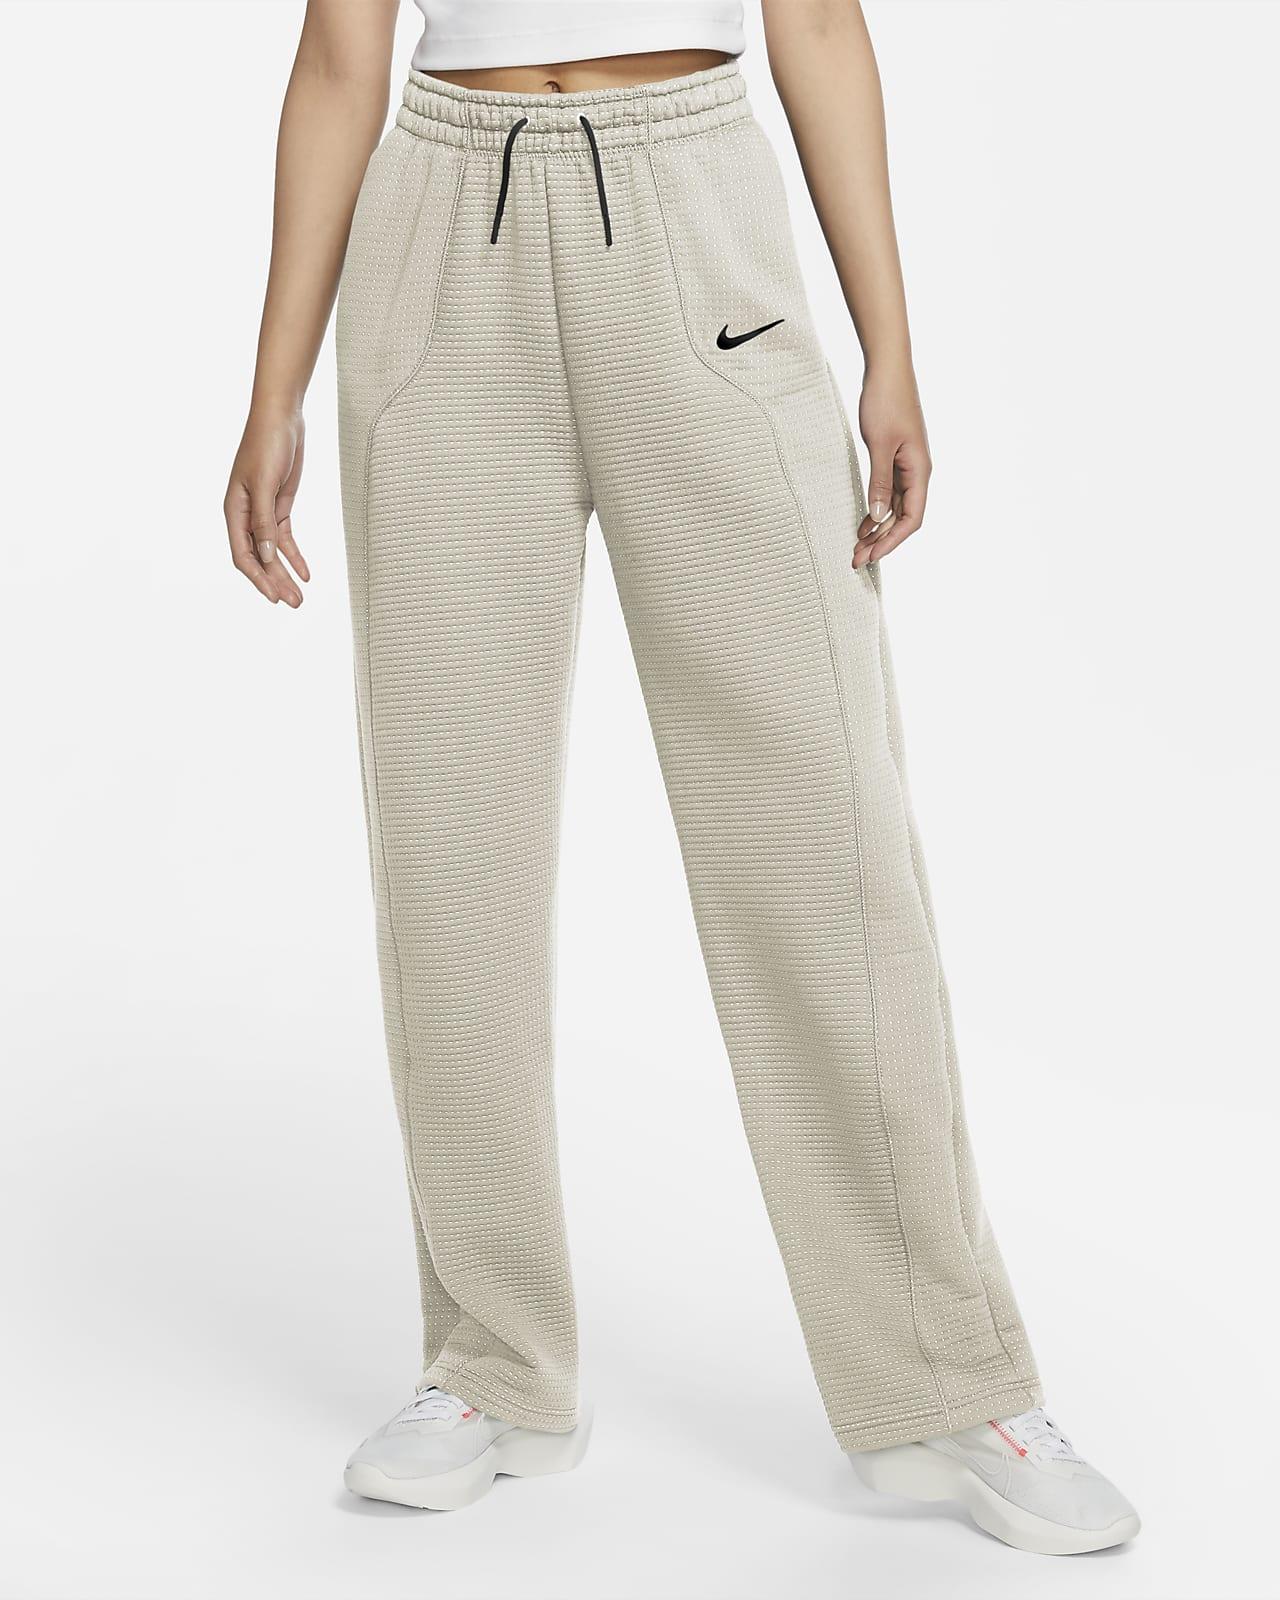 Nike Sportswear Tech Fleece Women's Engineered All-Over Jacquard Trousers